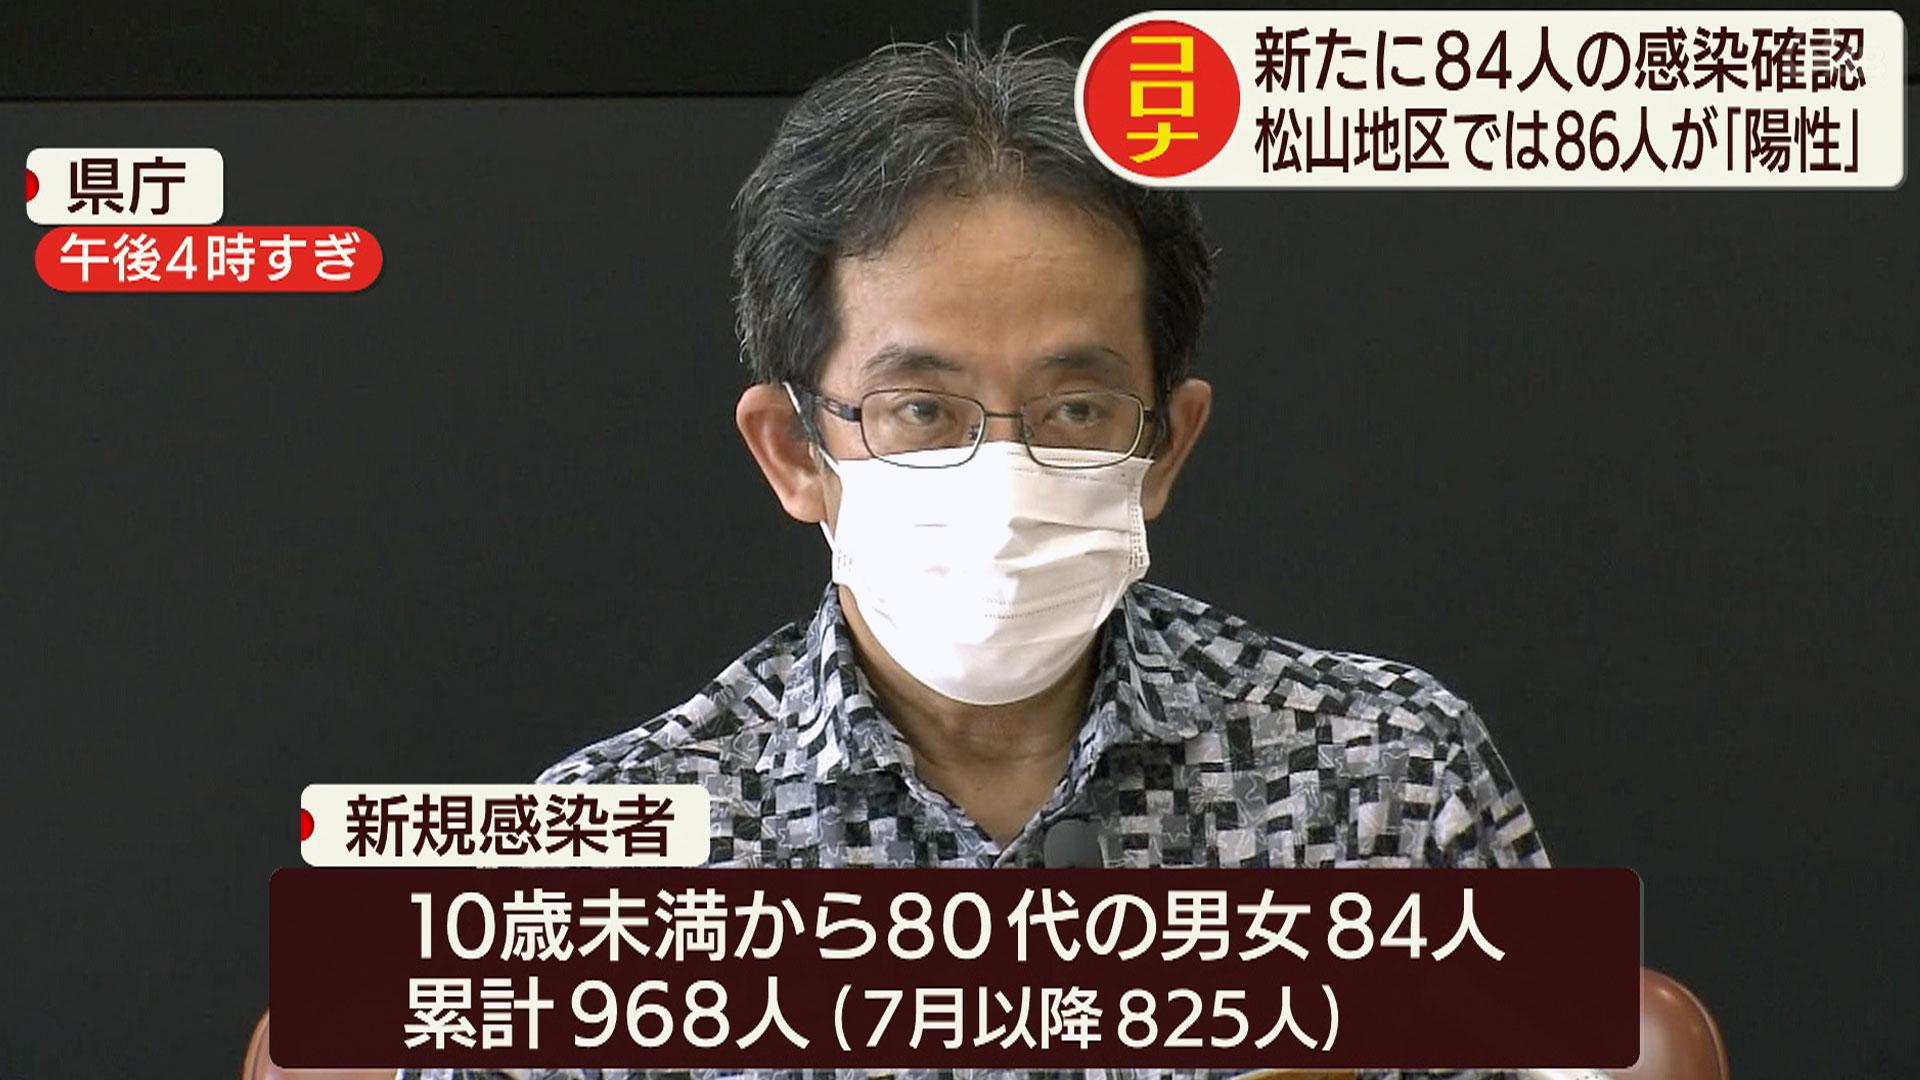 県内で新たに84人の感染確認